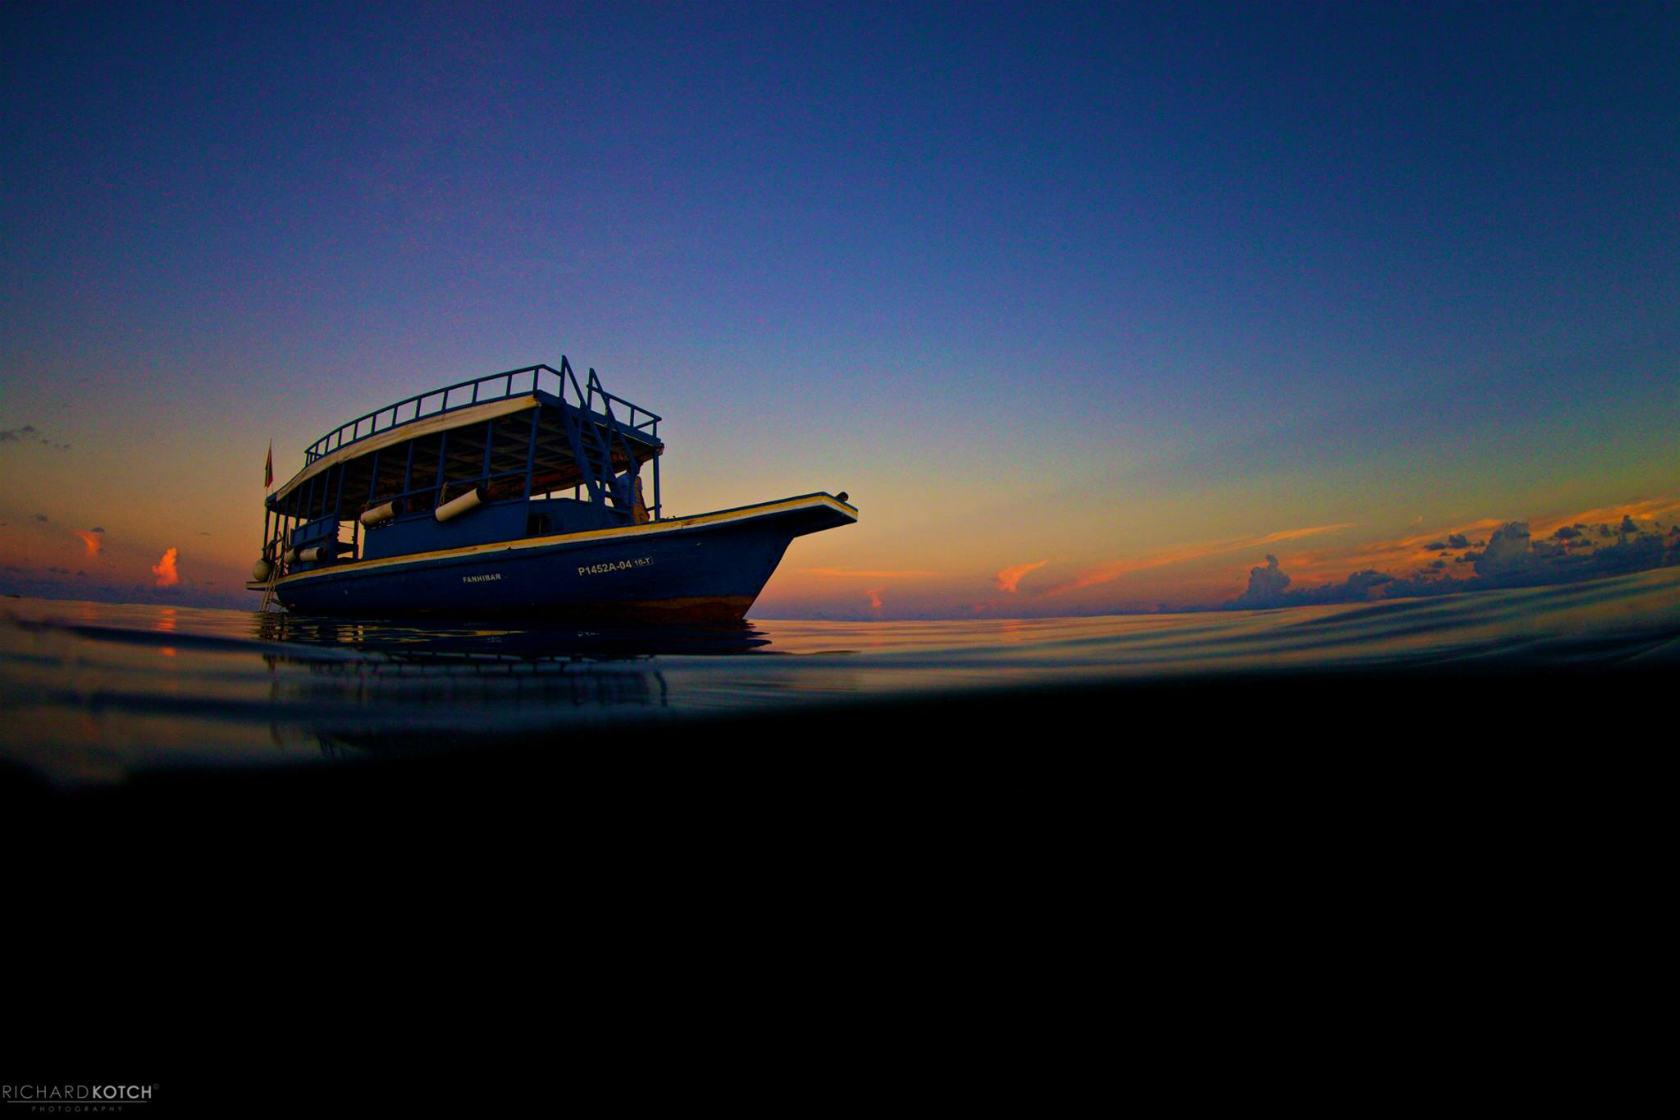 モルディブ、ボートトリップでの仲間の集め方、とあるライターのブログ